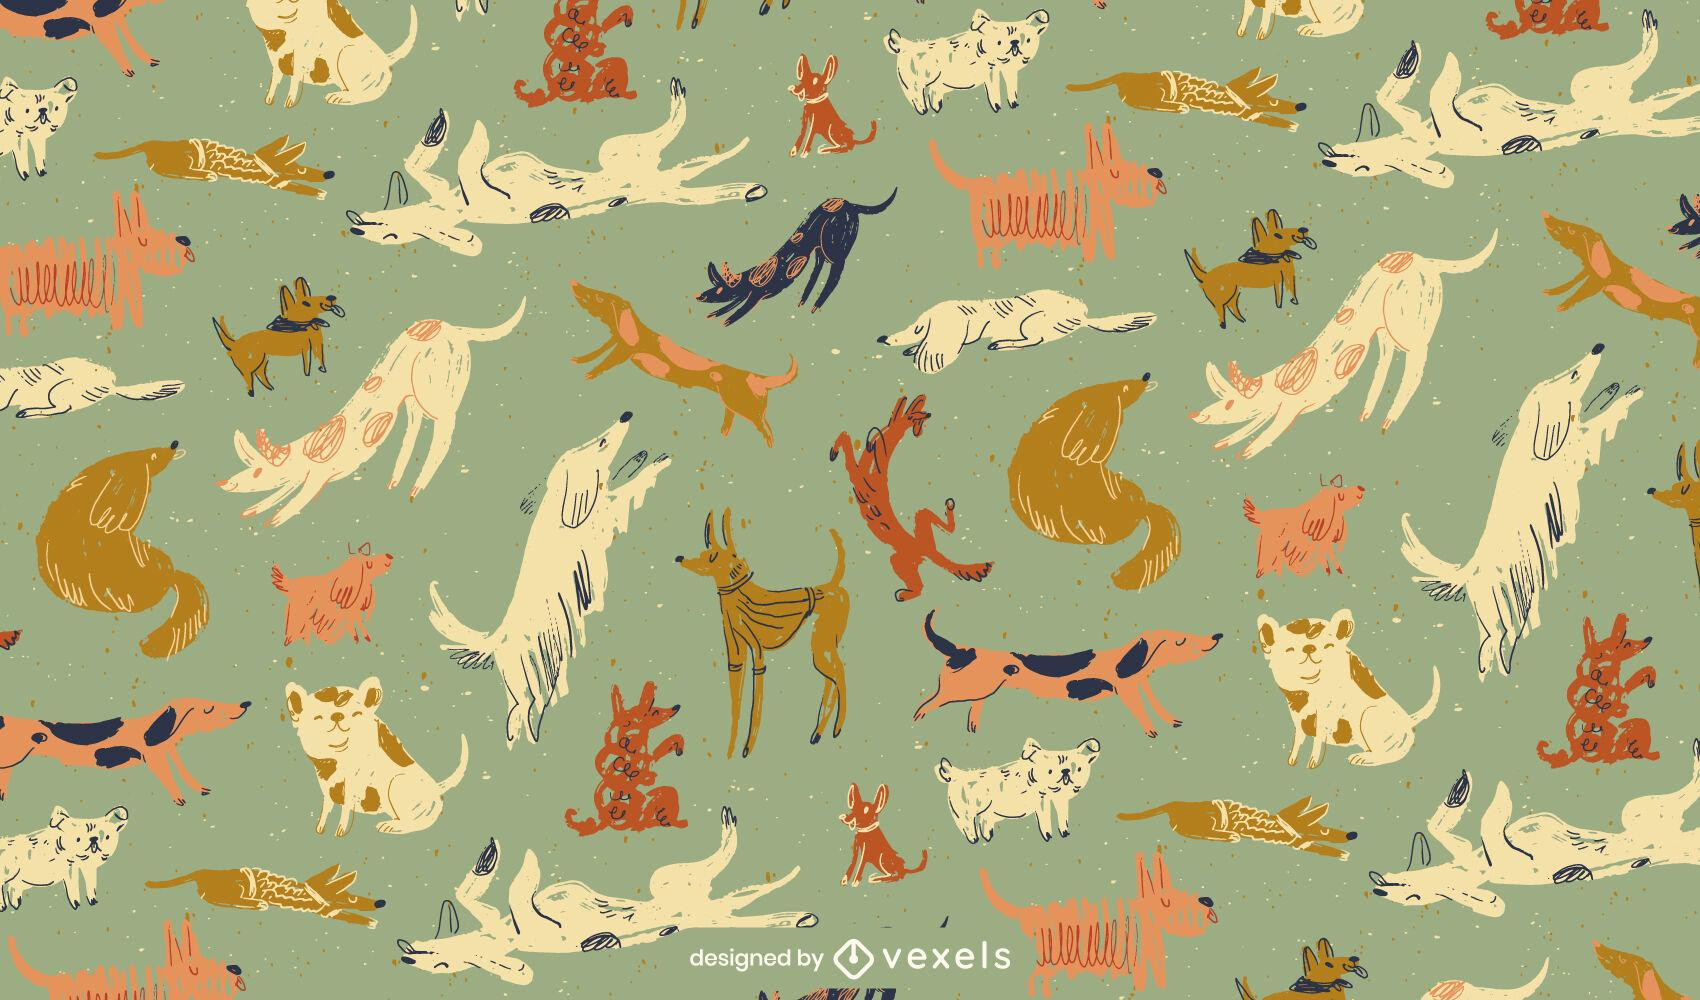 Dog breed pets doodle pattern design